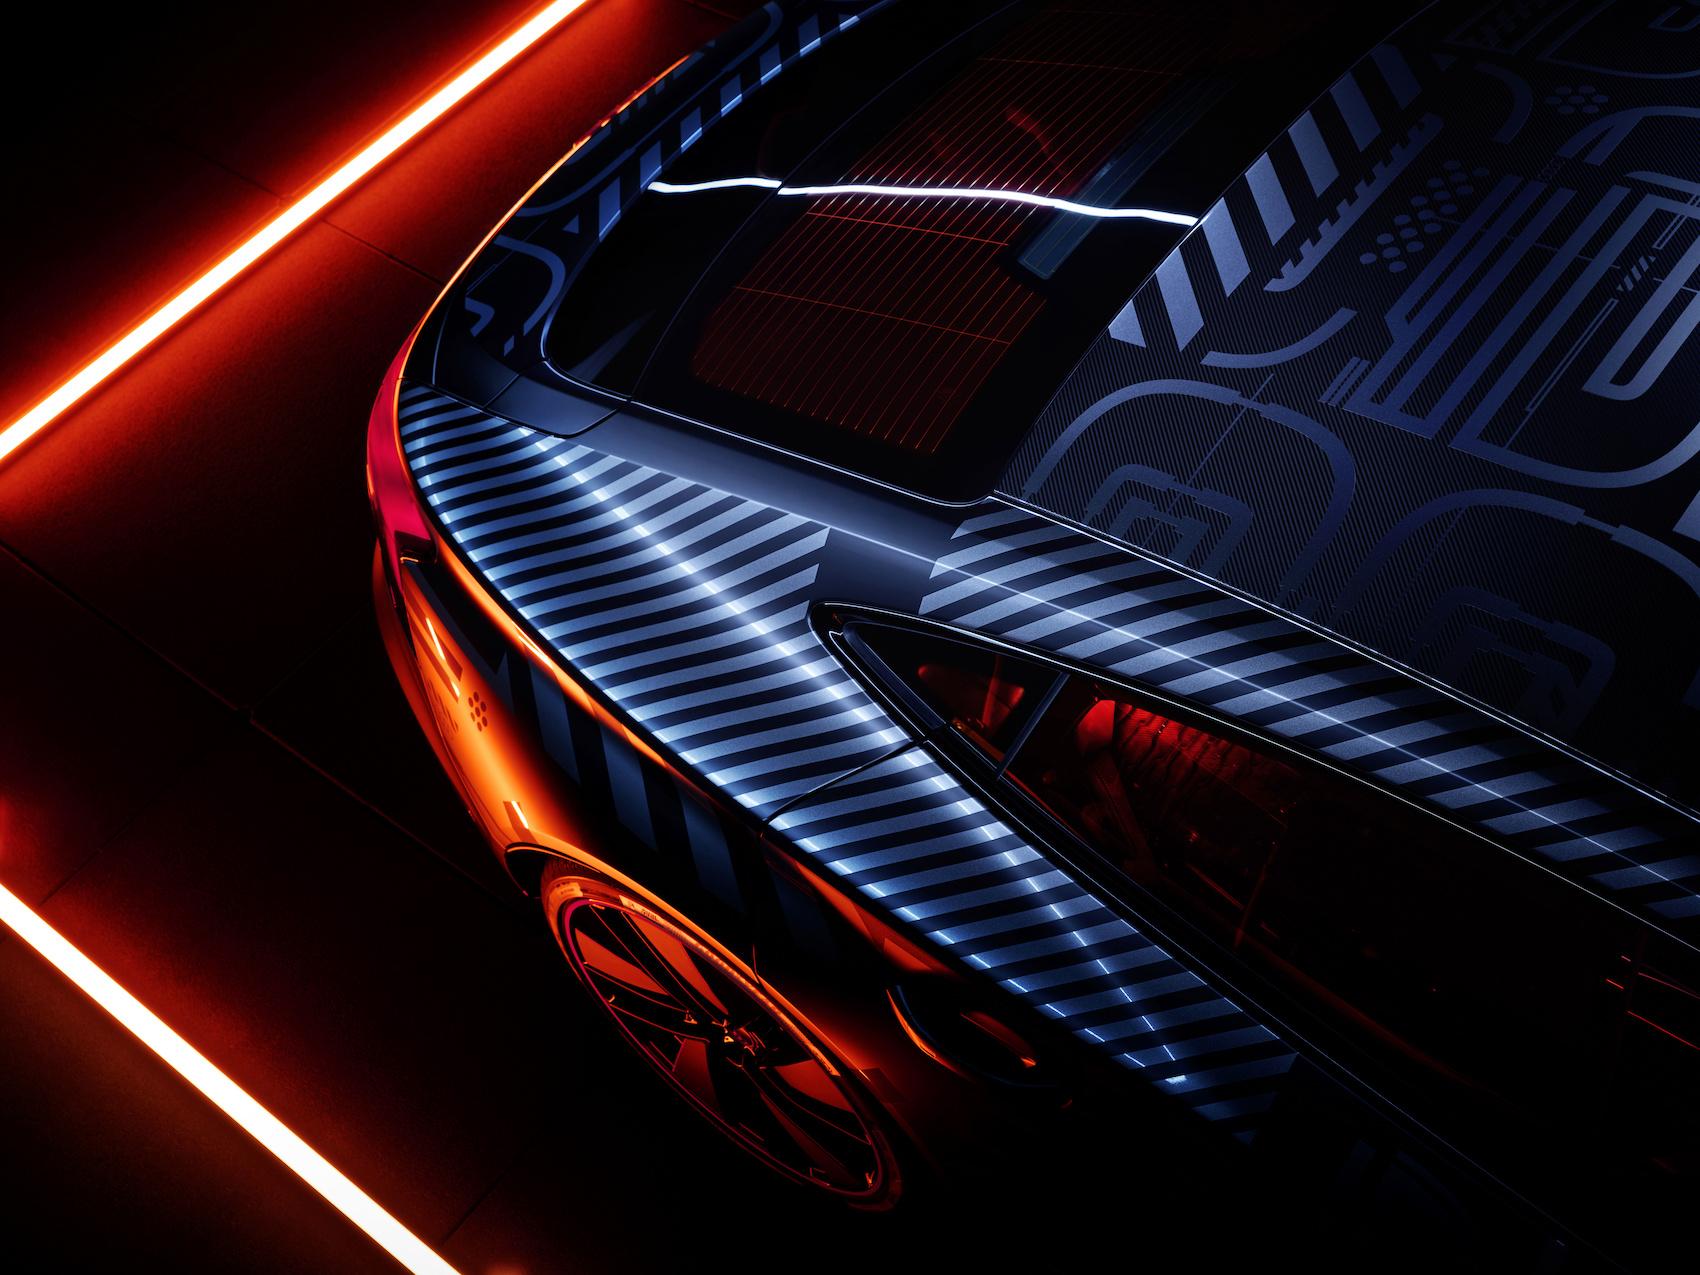 Dicke Backen: Die Seitenwandrahmen des e-tron GT haben eine Ziehtiefe von 35 Zentimeter. (Audi)